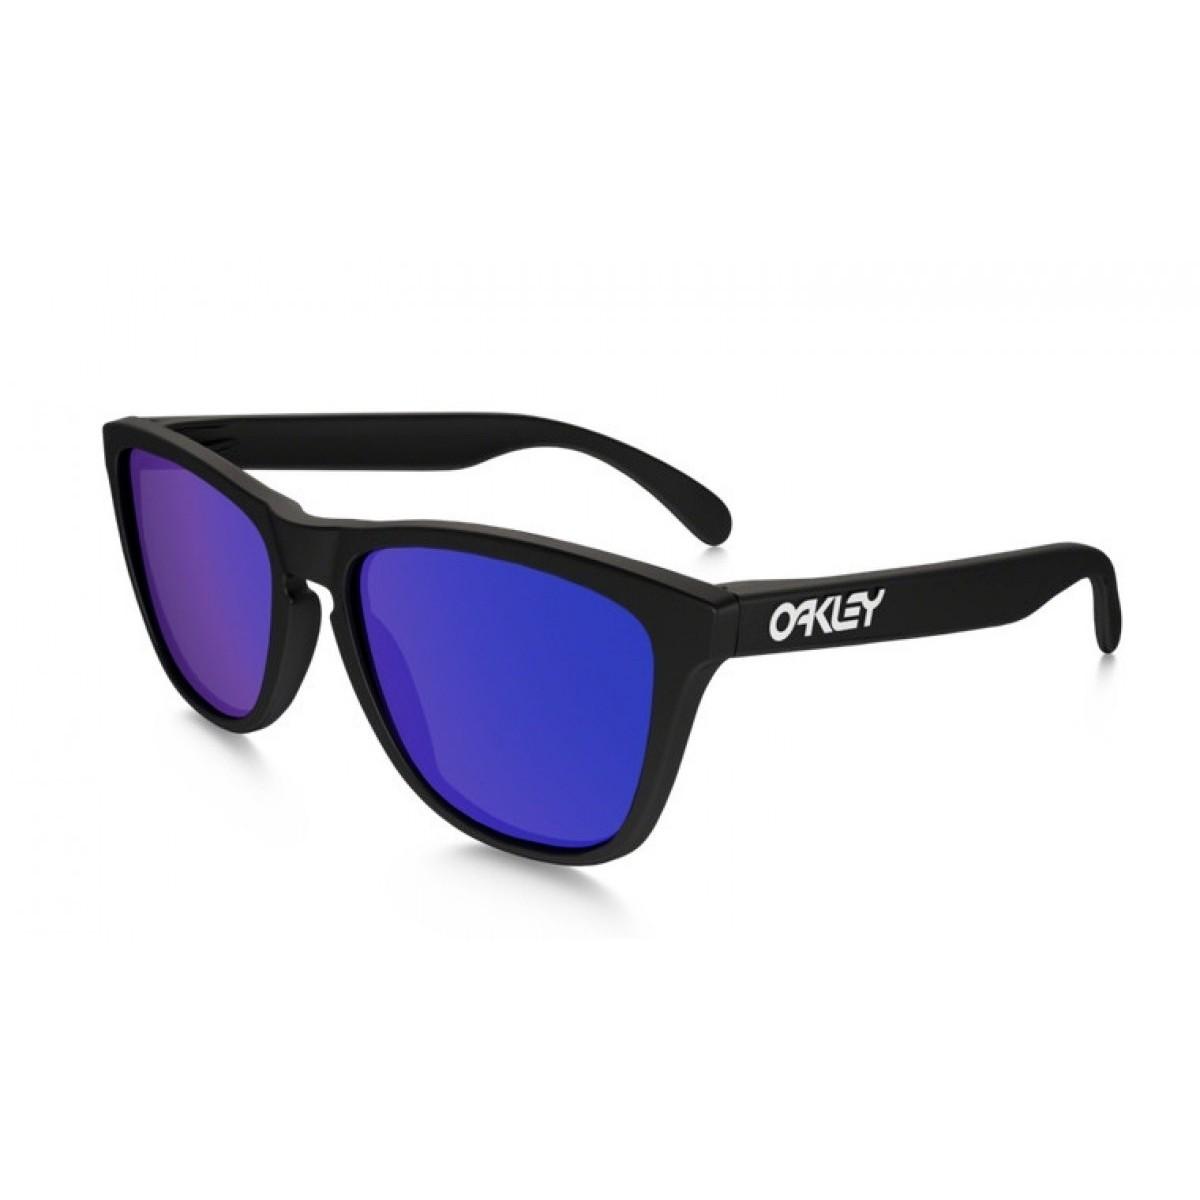 oakley occhiali specchiati